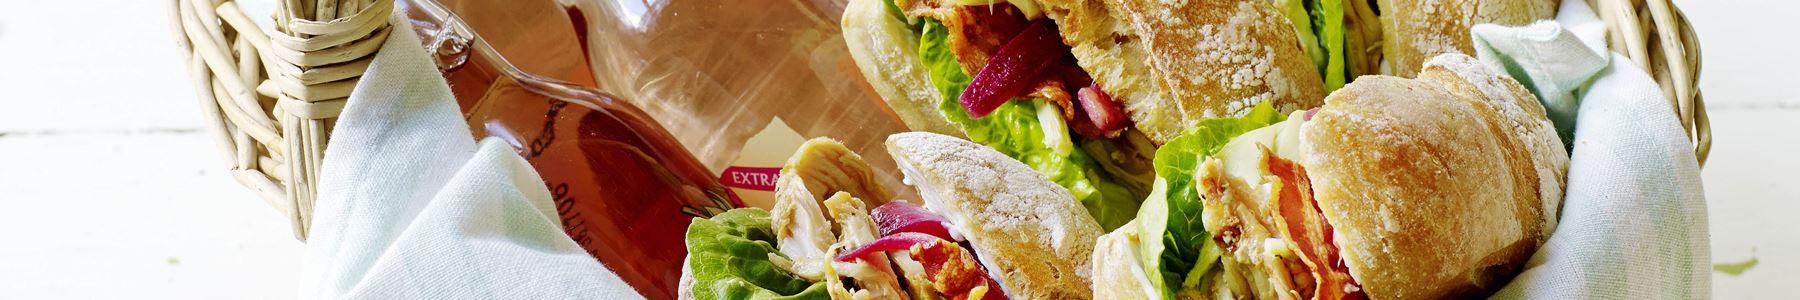 Fjerkræ + Sandwich + Fest